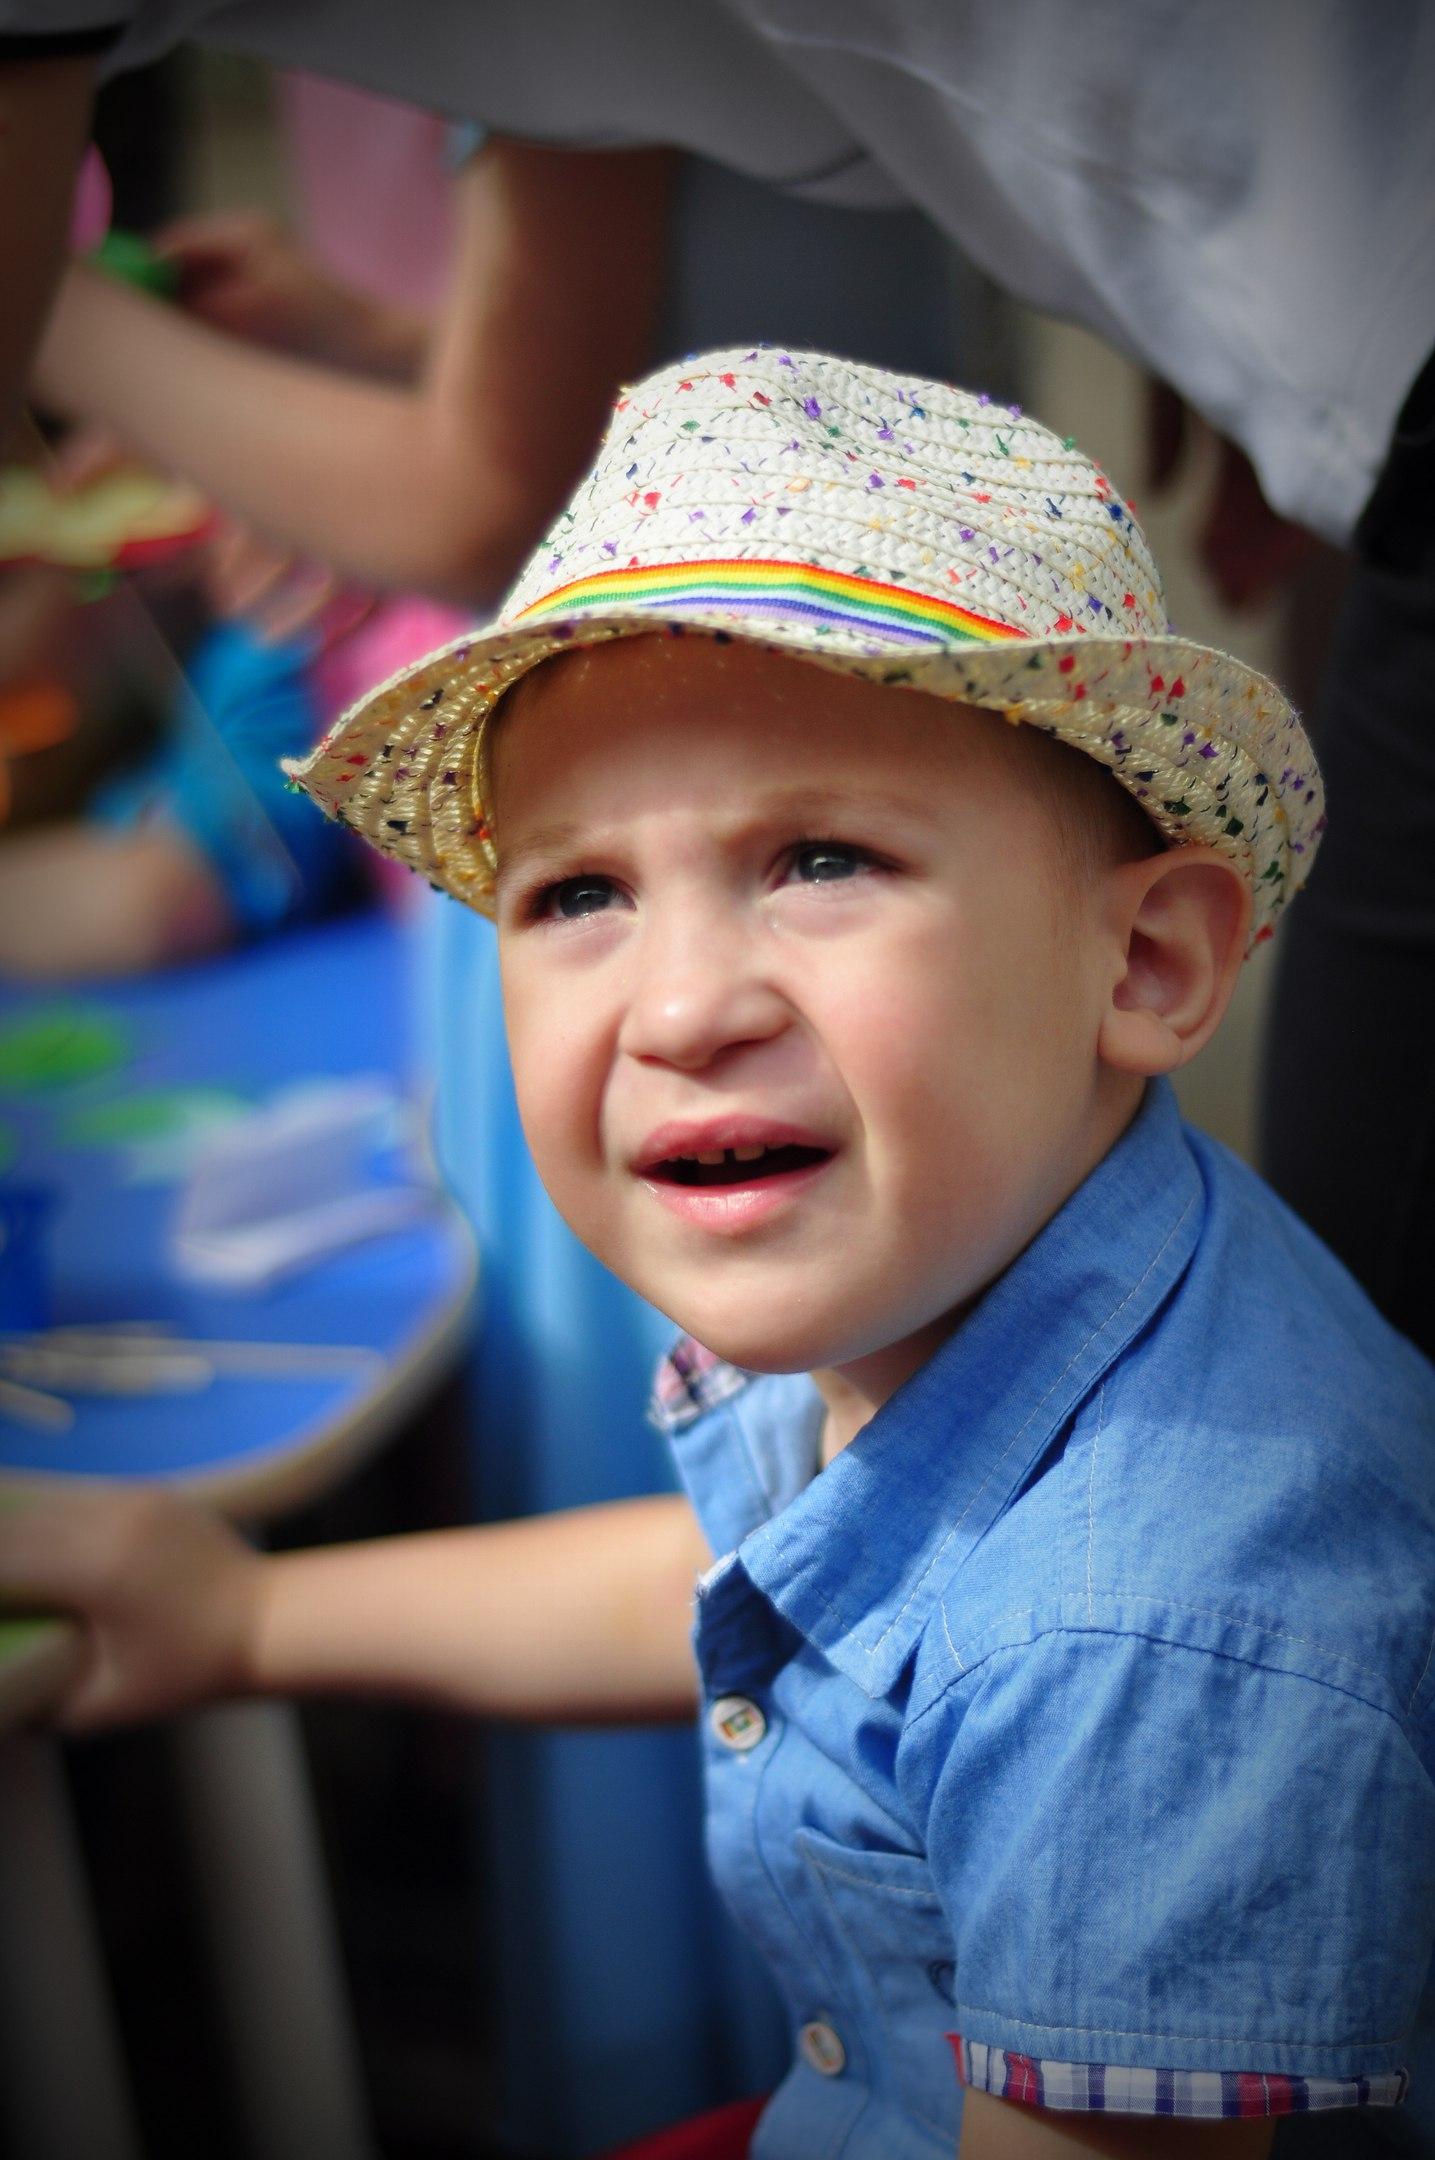 24.06.2016, вып. в Лесовичке, фото О. Сидяковой, 33